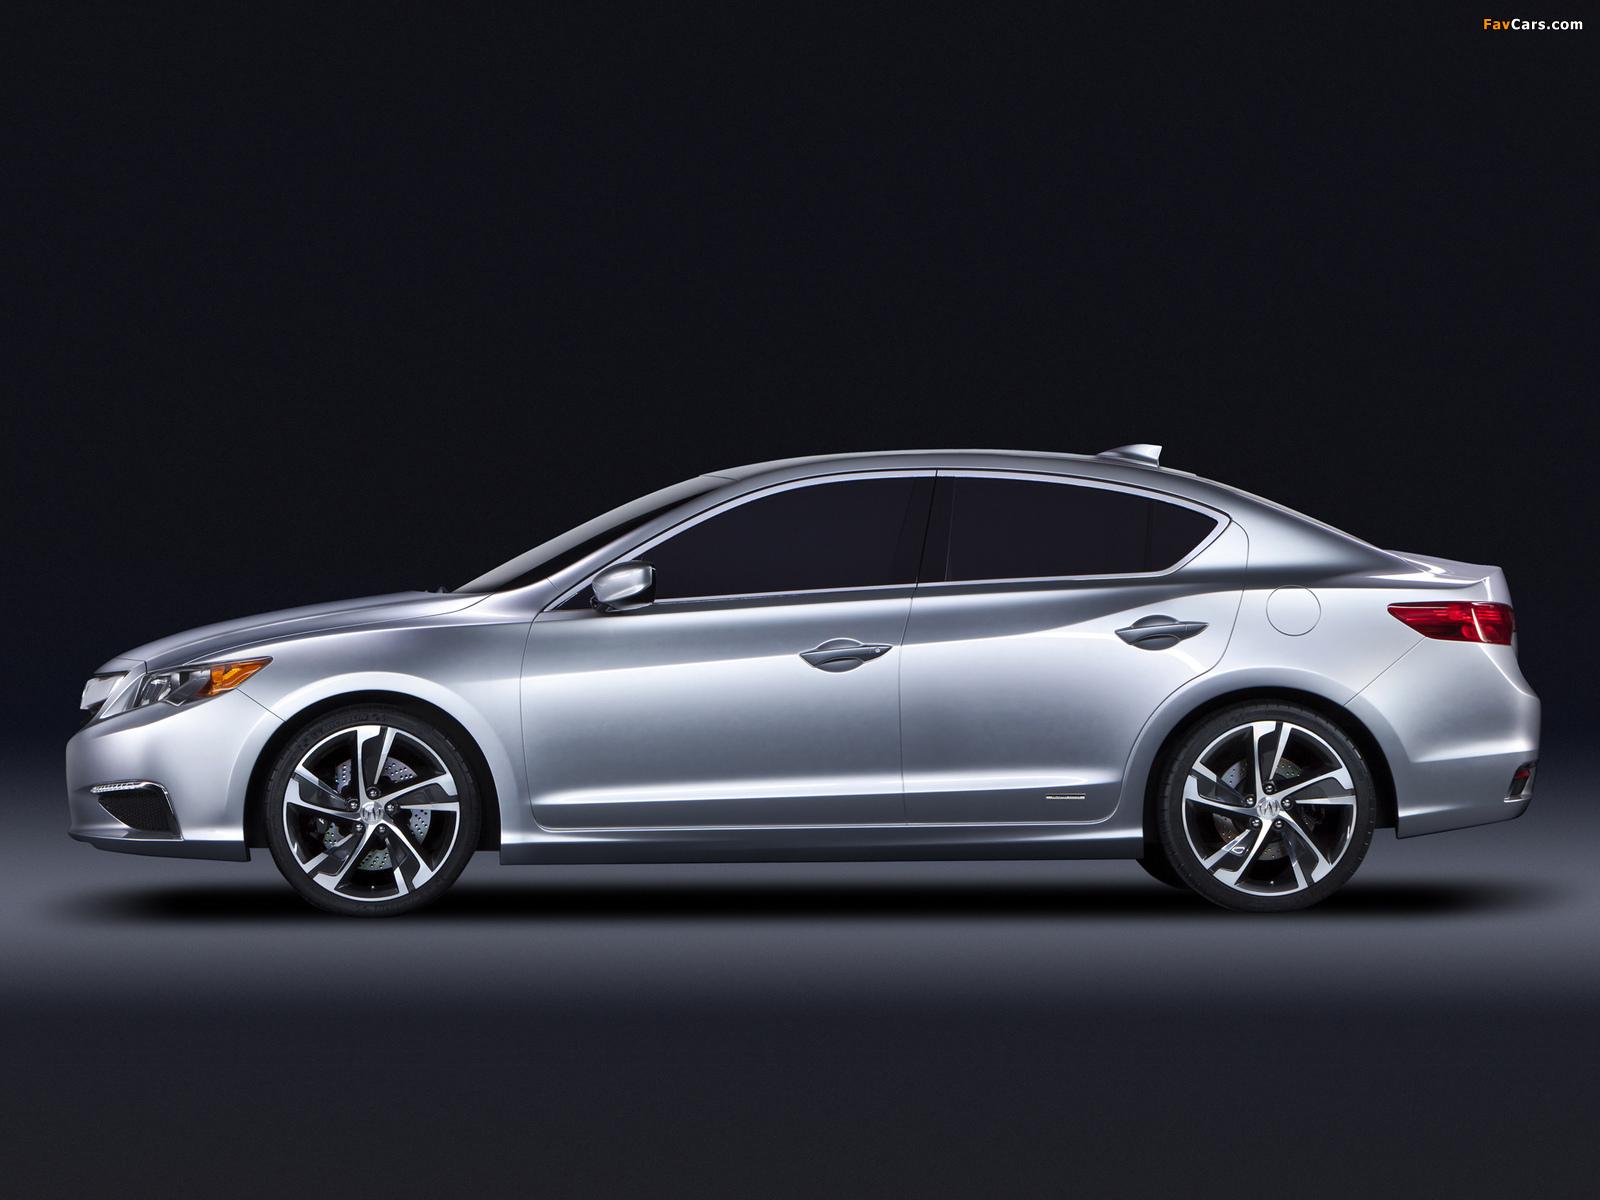 Acura ILX Concept (2012) photos (1600 x 1200)